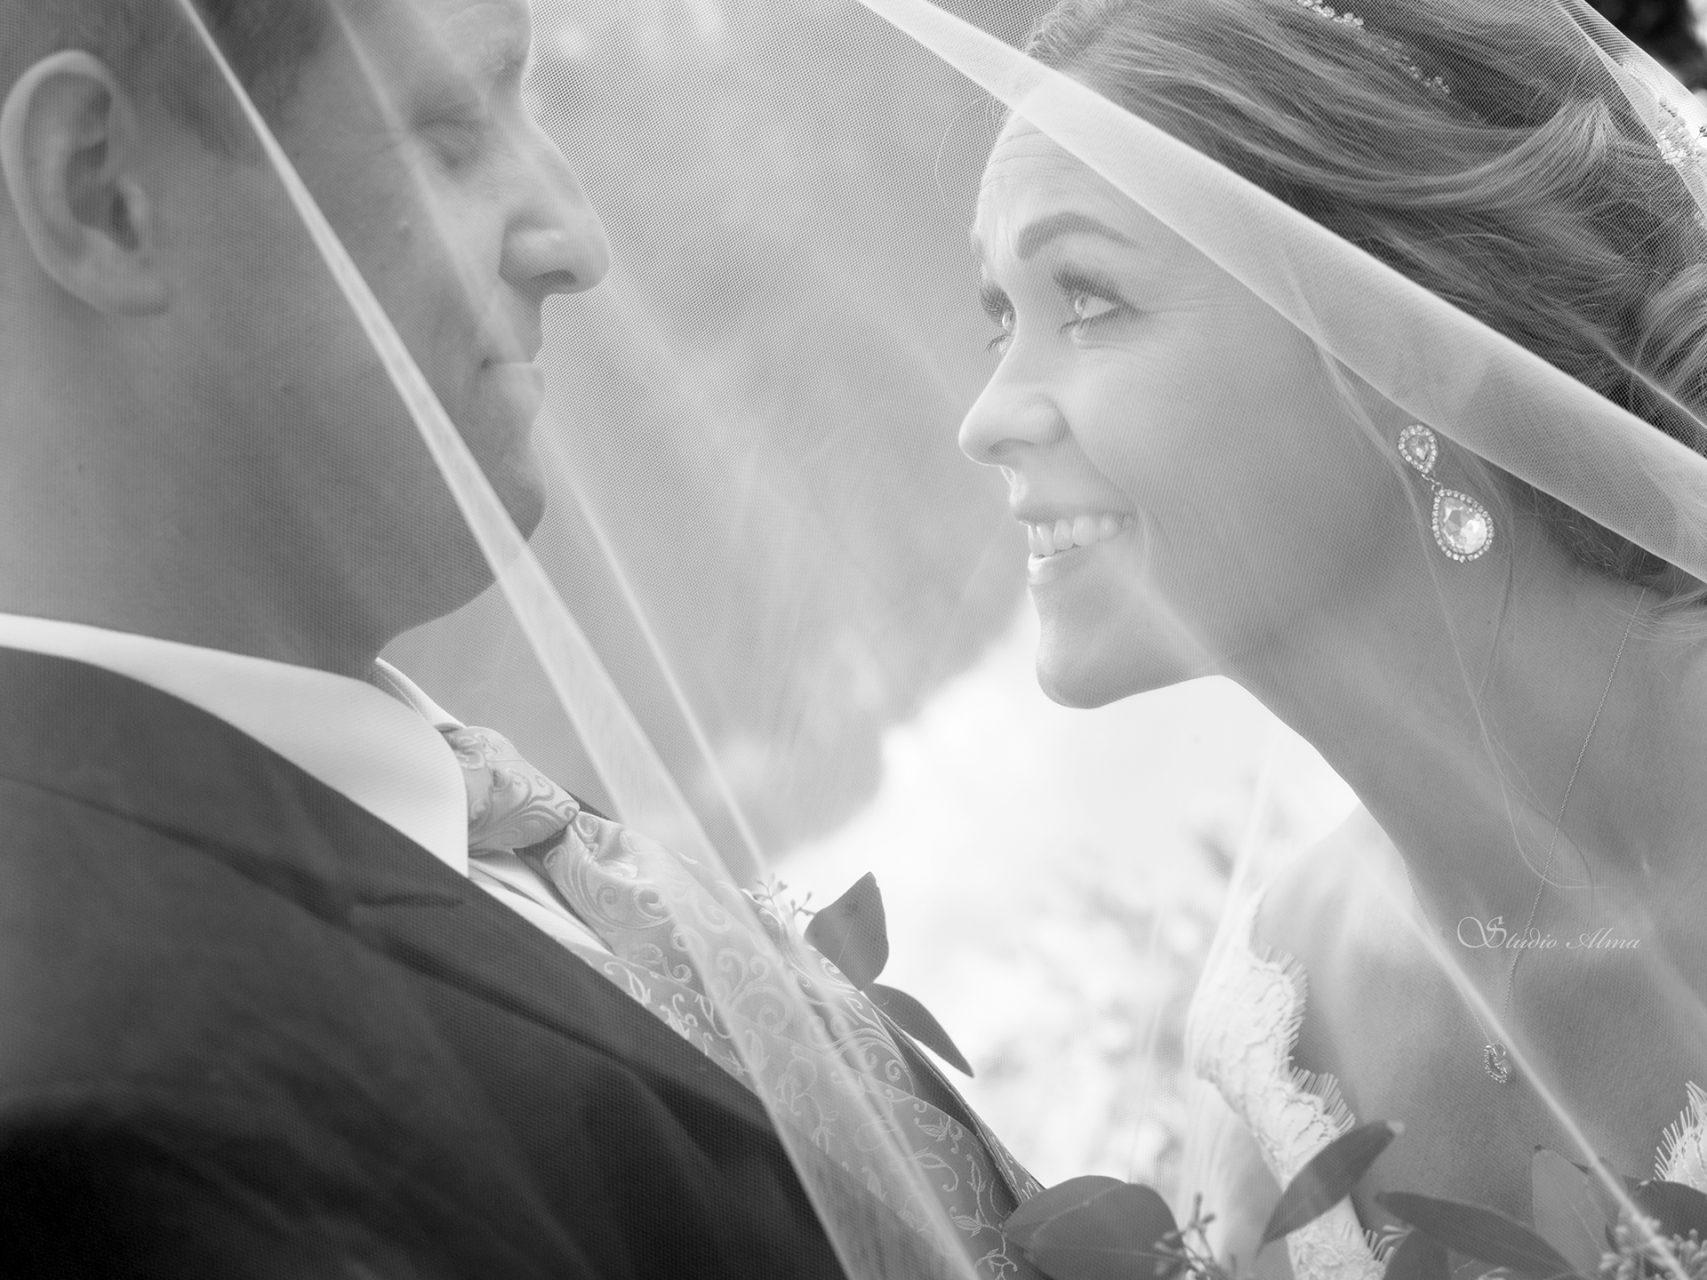 brudepar-slørkyss-fotograf-studioalma